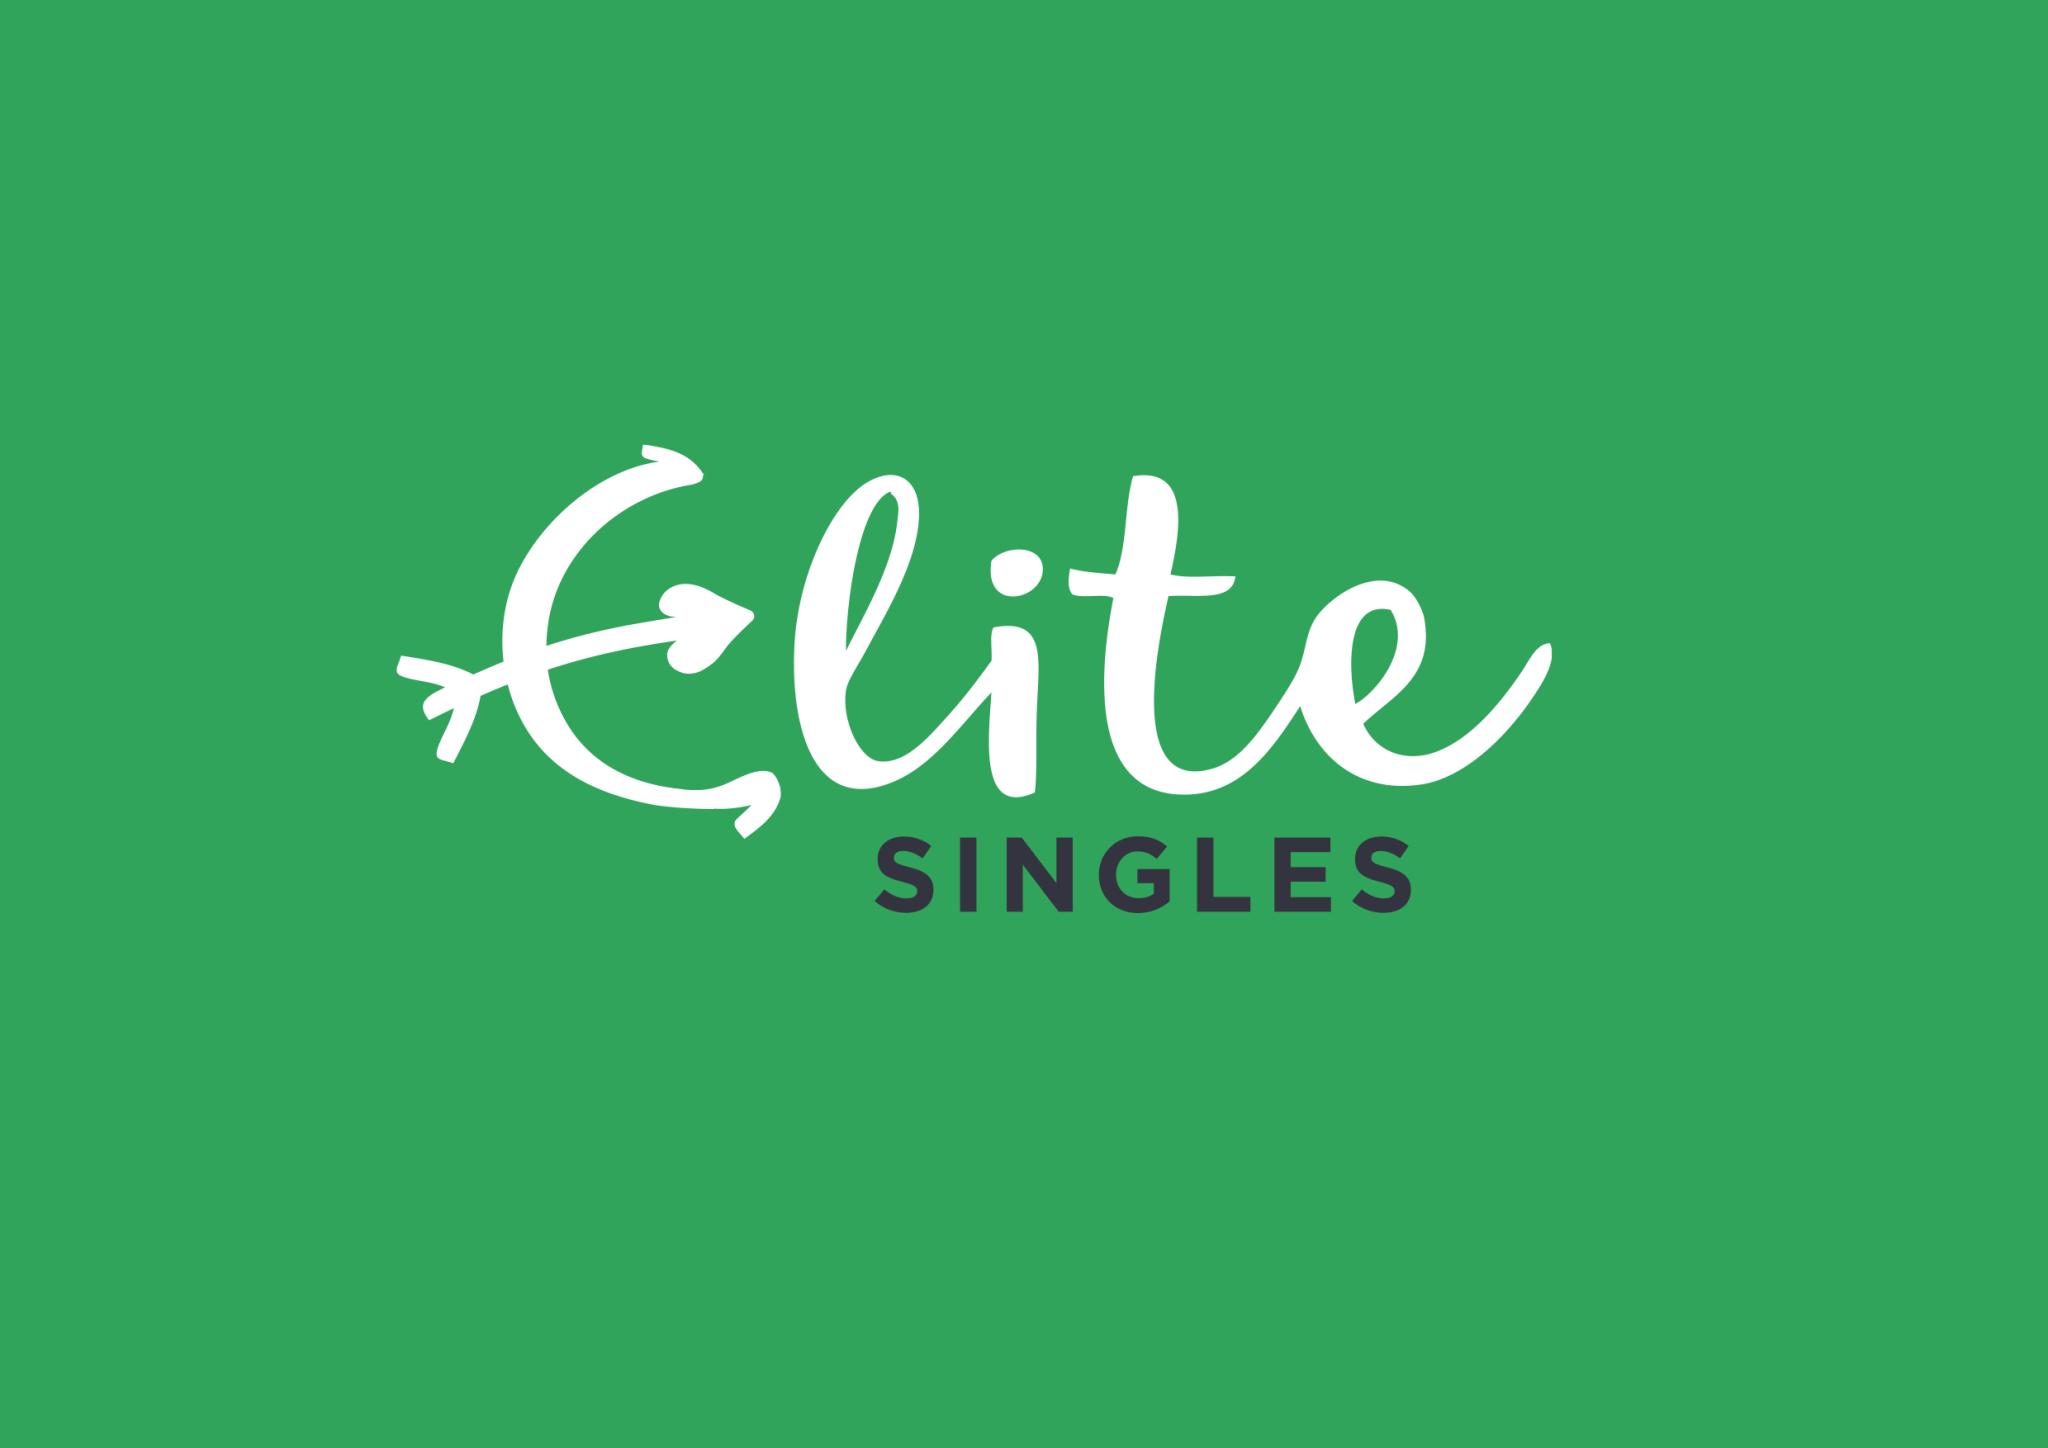 Affinitas elite singles dating